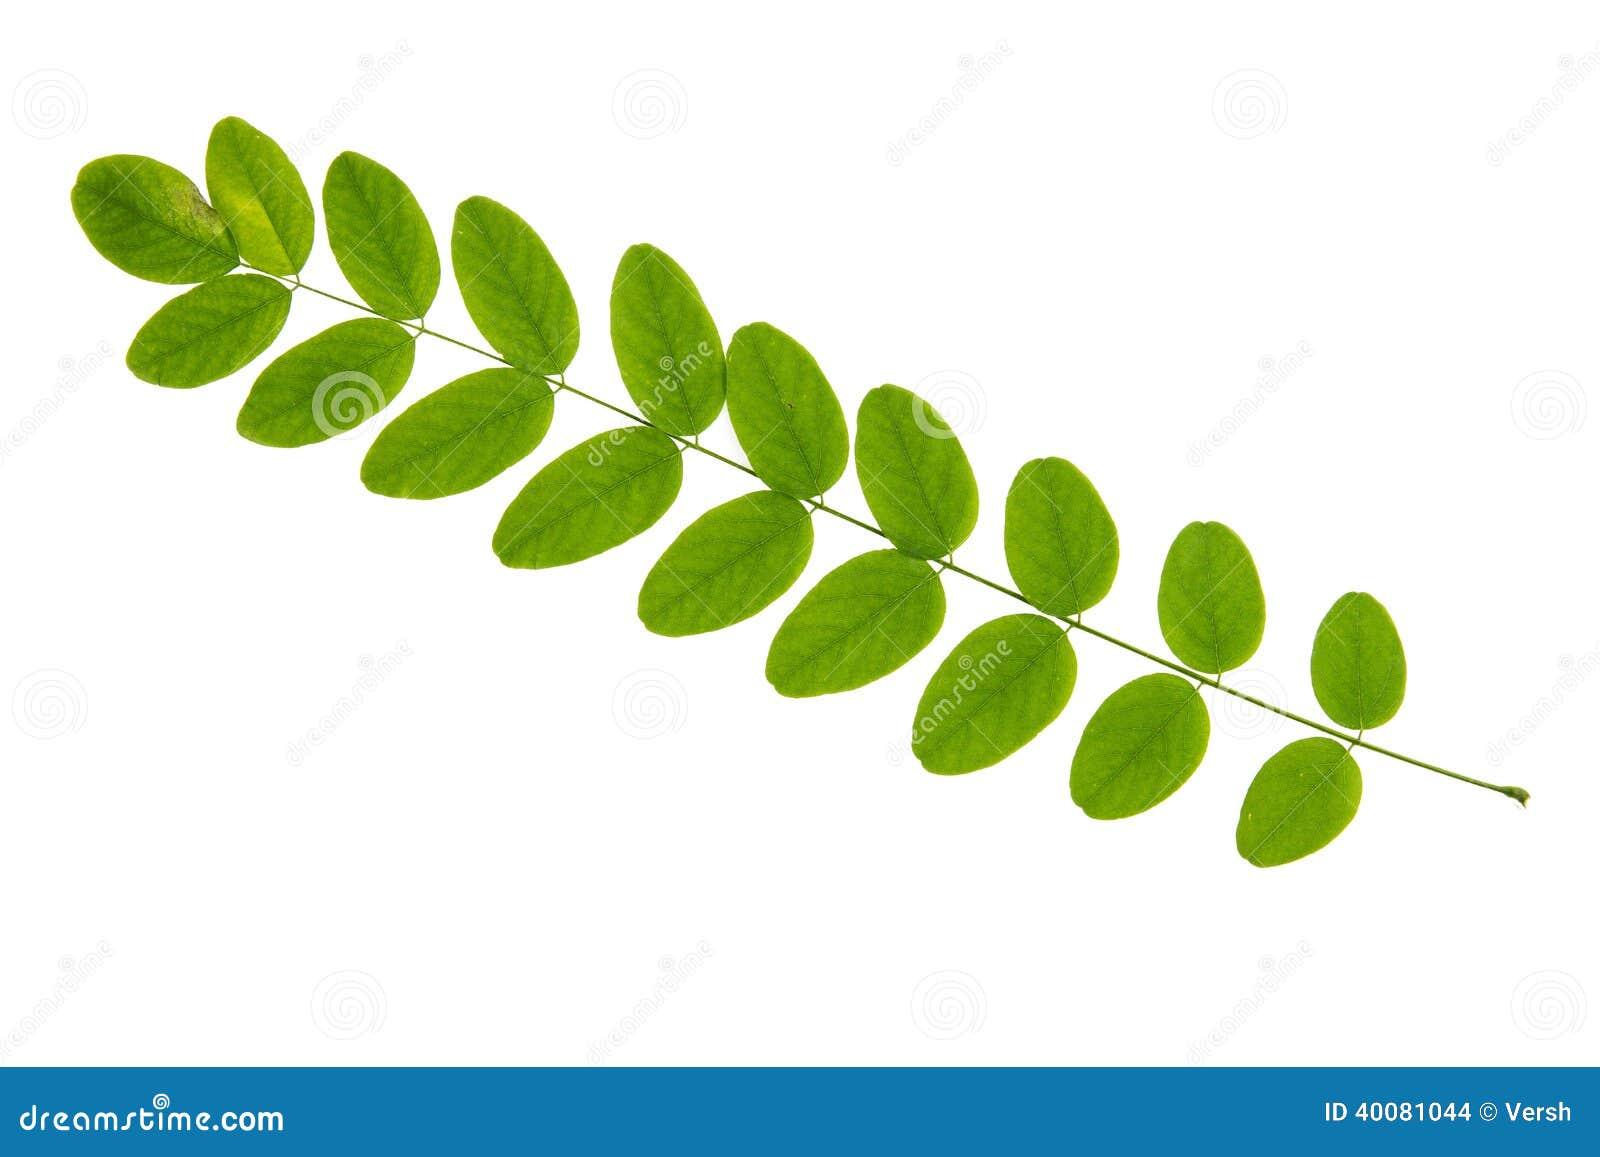 在白色背景隔绝的金合欢树绿色叶子图片